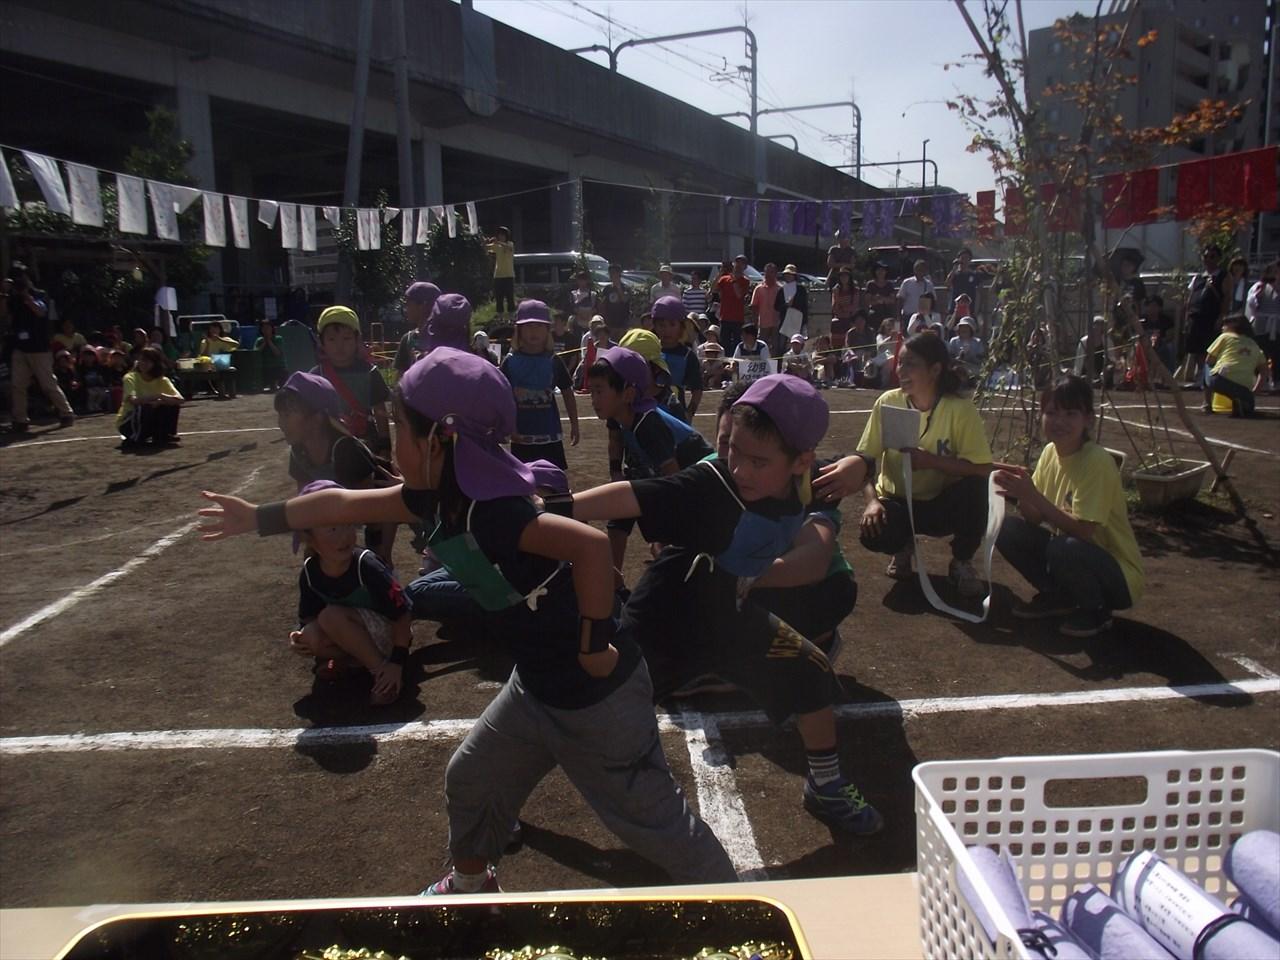 最後の競技はぶどう組さんのリレー。このあと、金メダルを胸に、みんなの笑顔も輝いていました。